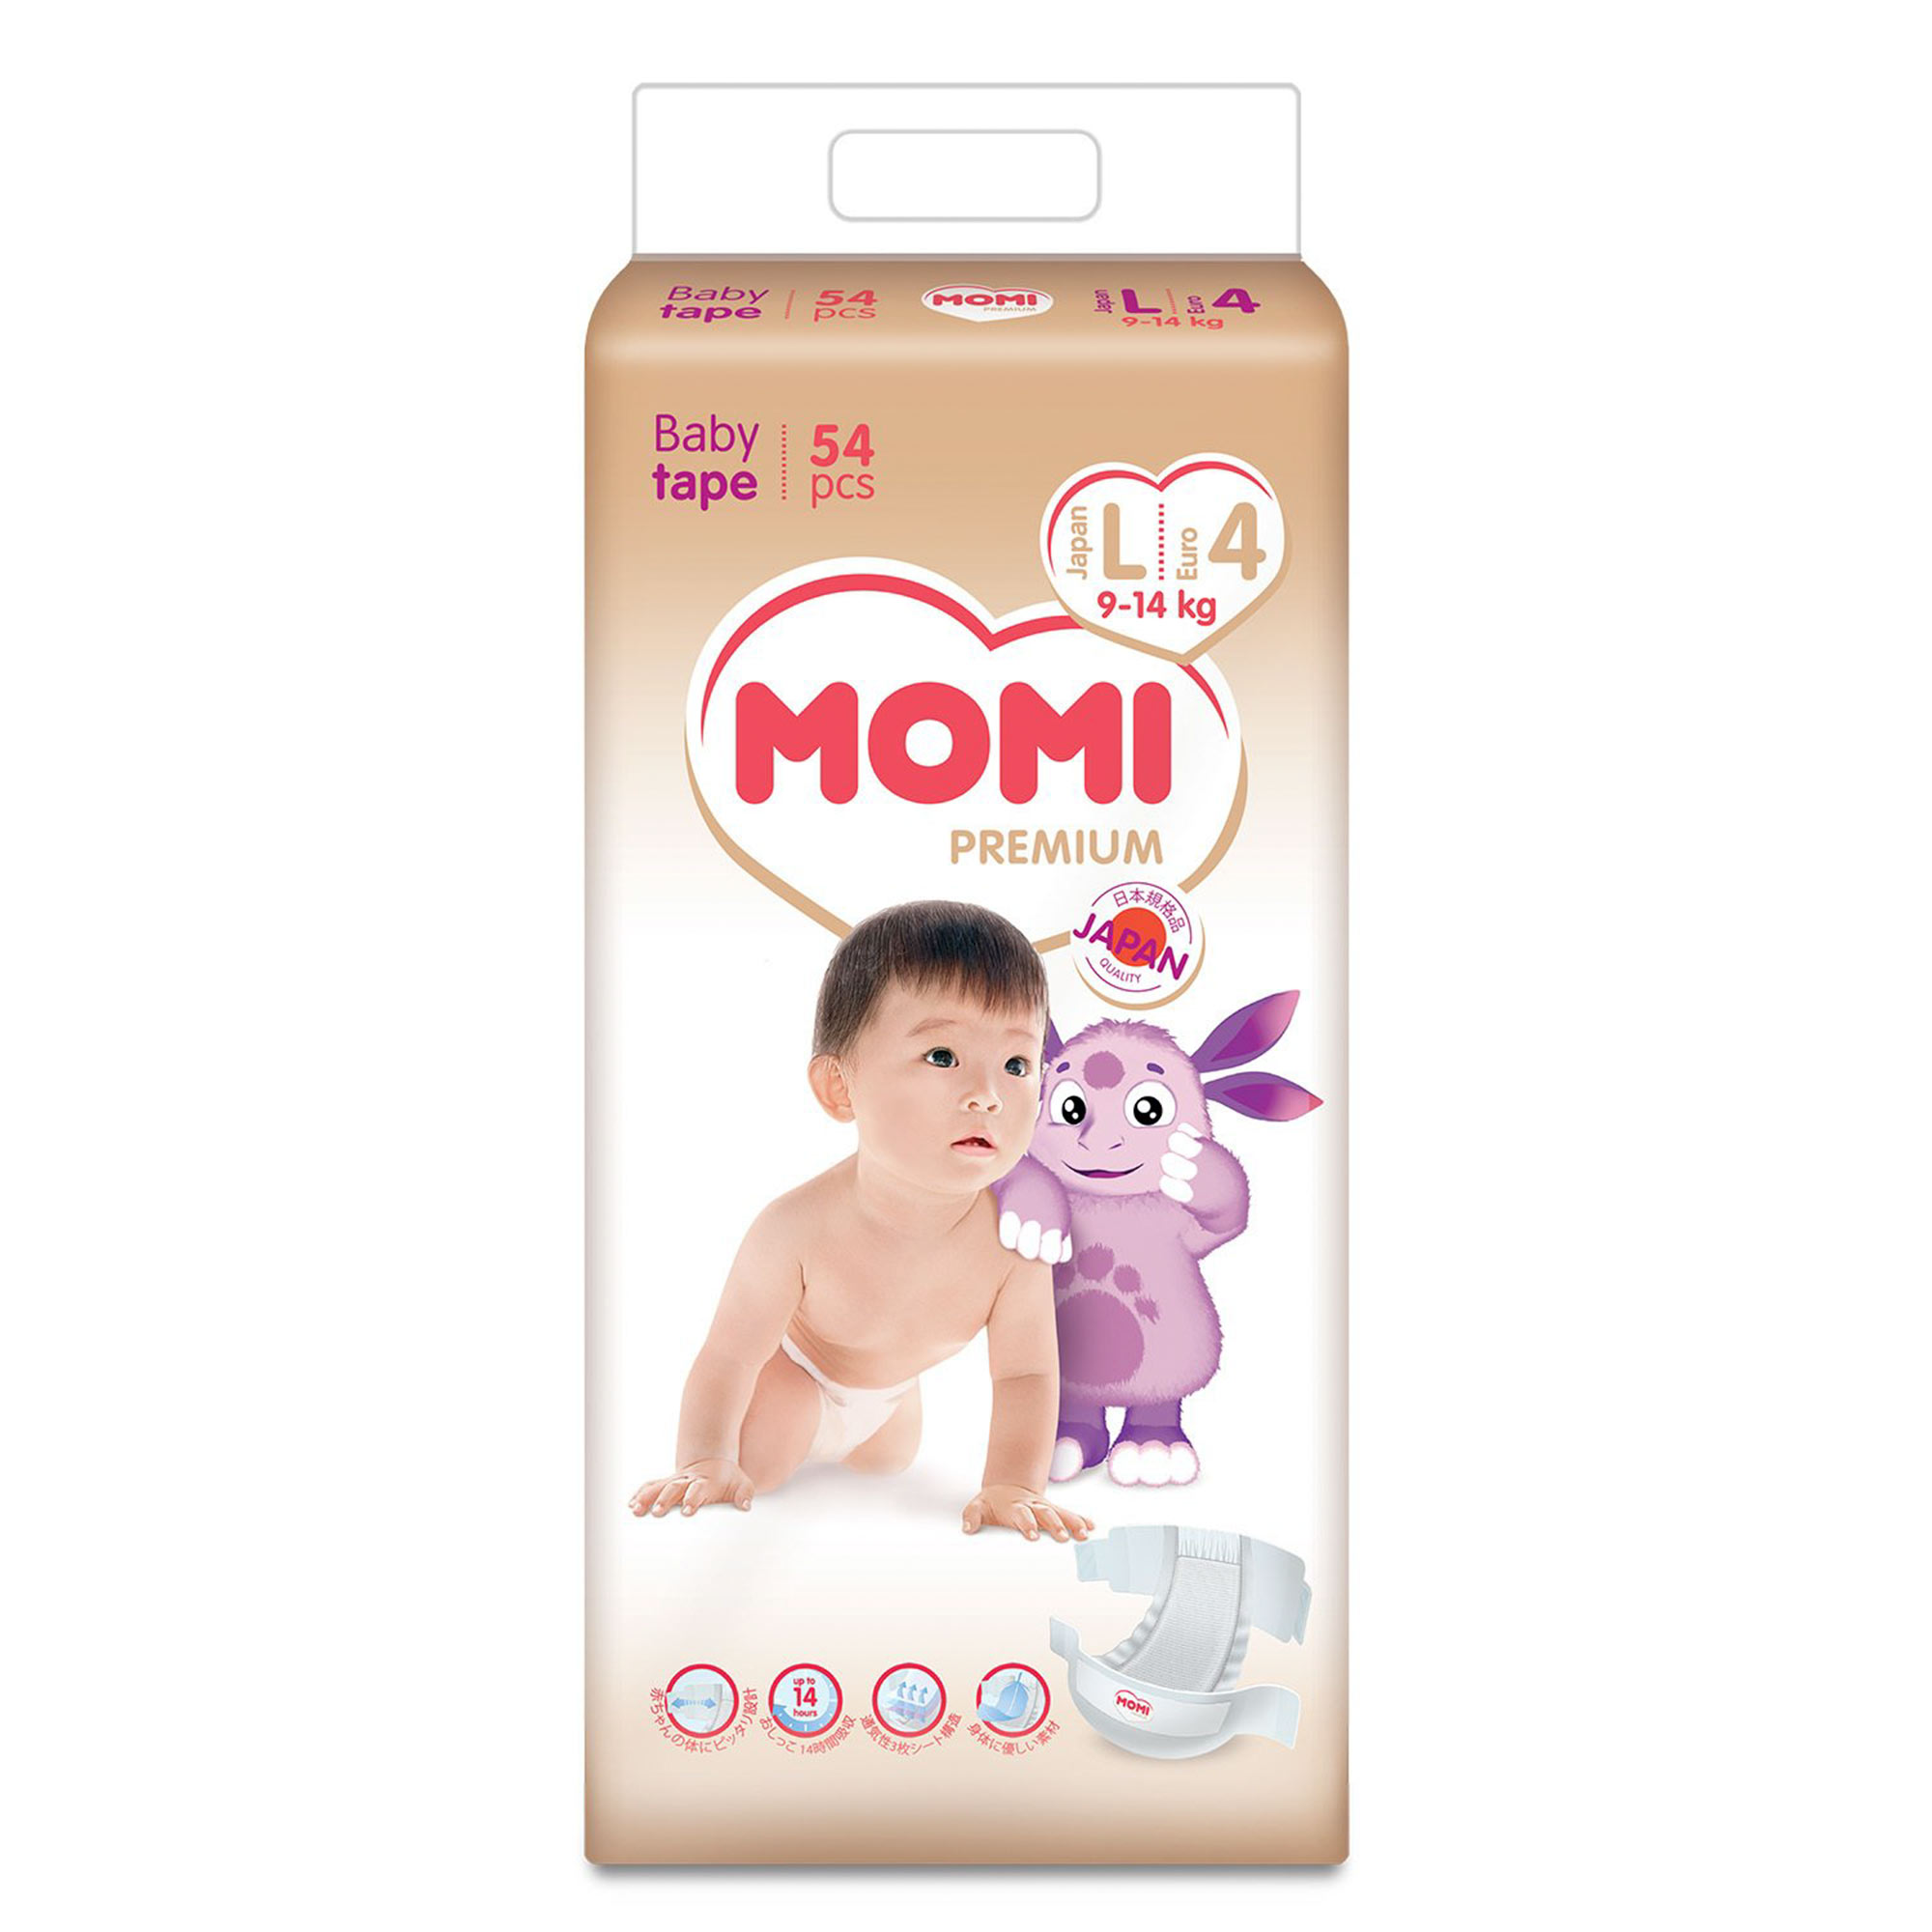 Купить Подгузники Momi Premium L (9-14 кг) 54 шт, Белый, Внутренняя поверхность: полиэфир/полиолефин нетканевого типа. Впитывающий слой: хлопчатобумажная пульпа, впитывающая бумага, высокомолекулярный абсорбент акрилового типа. Водонепроницаемый материал: полиолефин. Эластичный материал:полиуретан, Для детей,